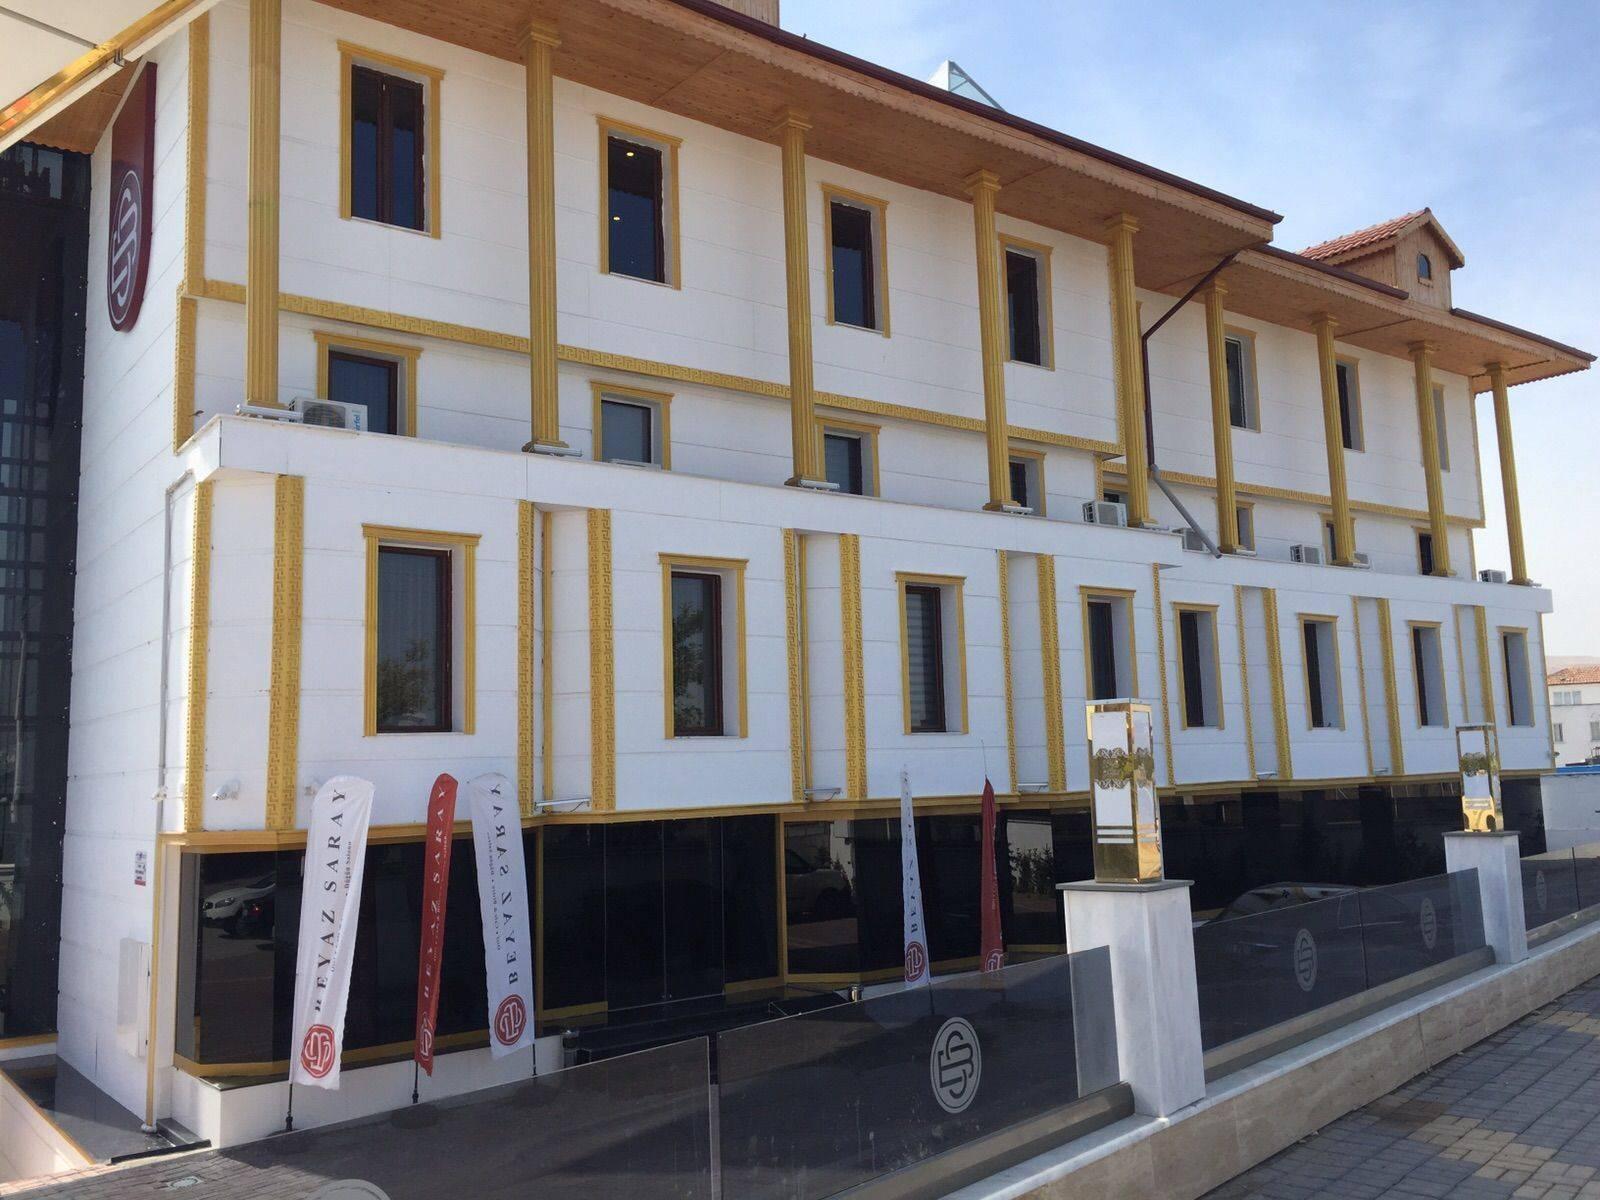 Beyaz Saray Otel, Kırıkkale, Kırıkkale Merkez, 24451